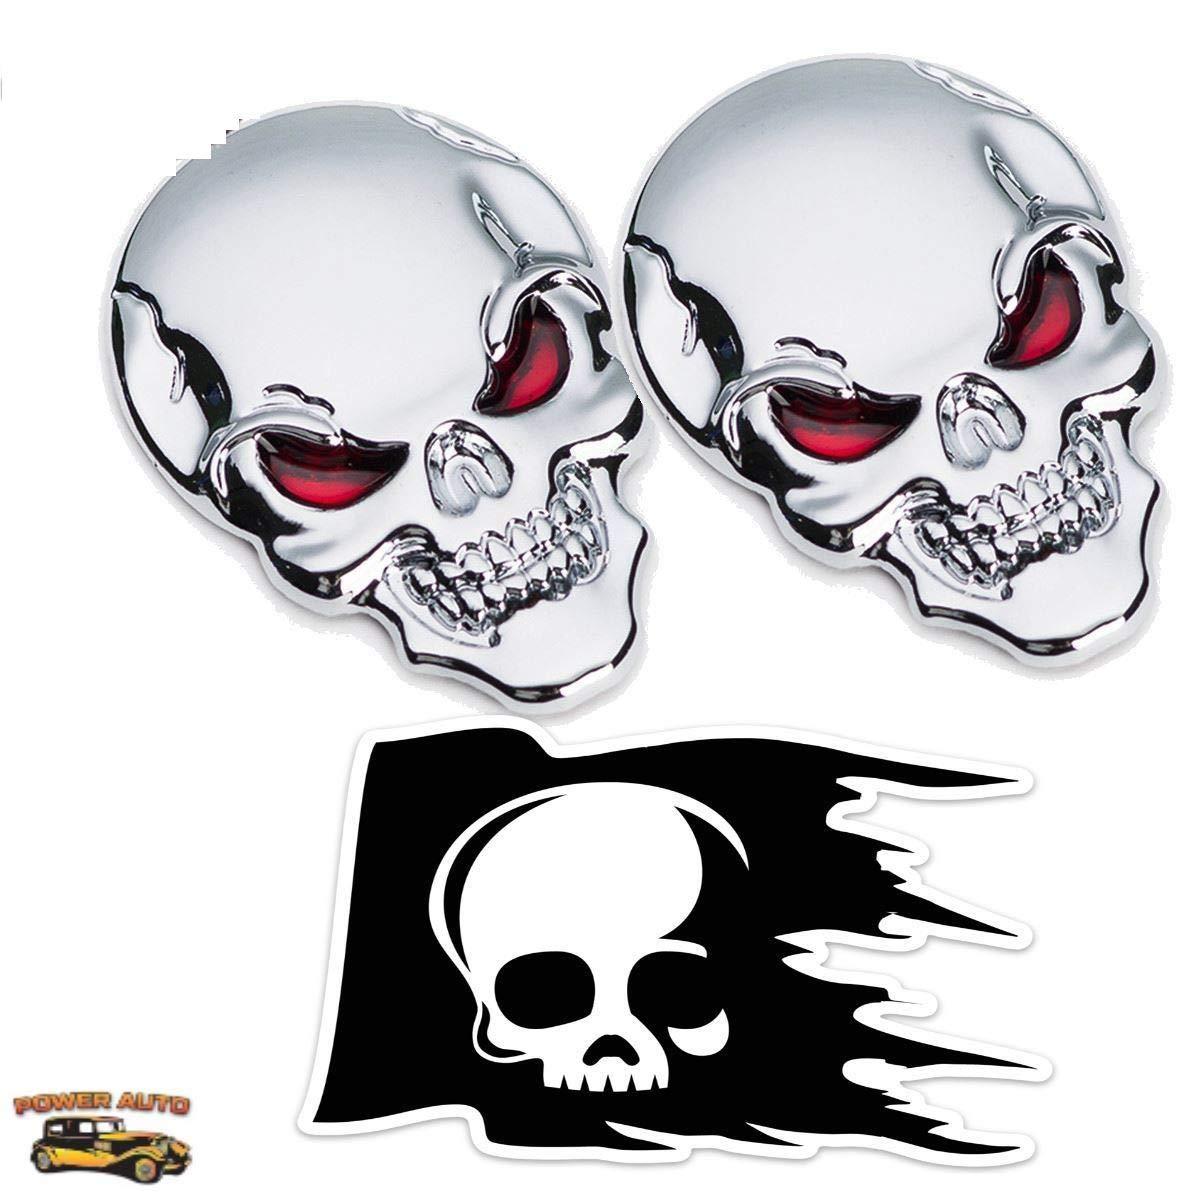 Skull head w red eyes emblems 3d zinc alloy peel n stick plus skull skeleton die cut thick durable vinyl weatherproof decal sticker 2 silver 1 decal